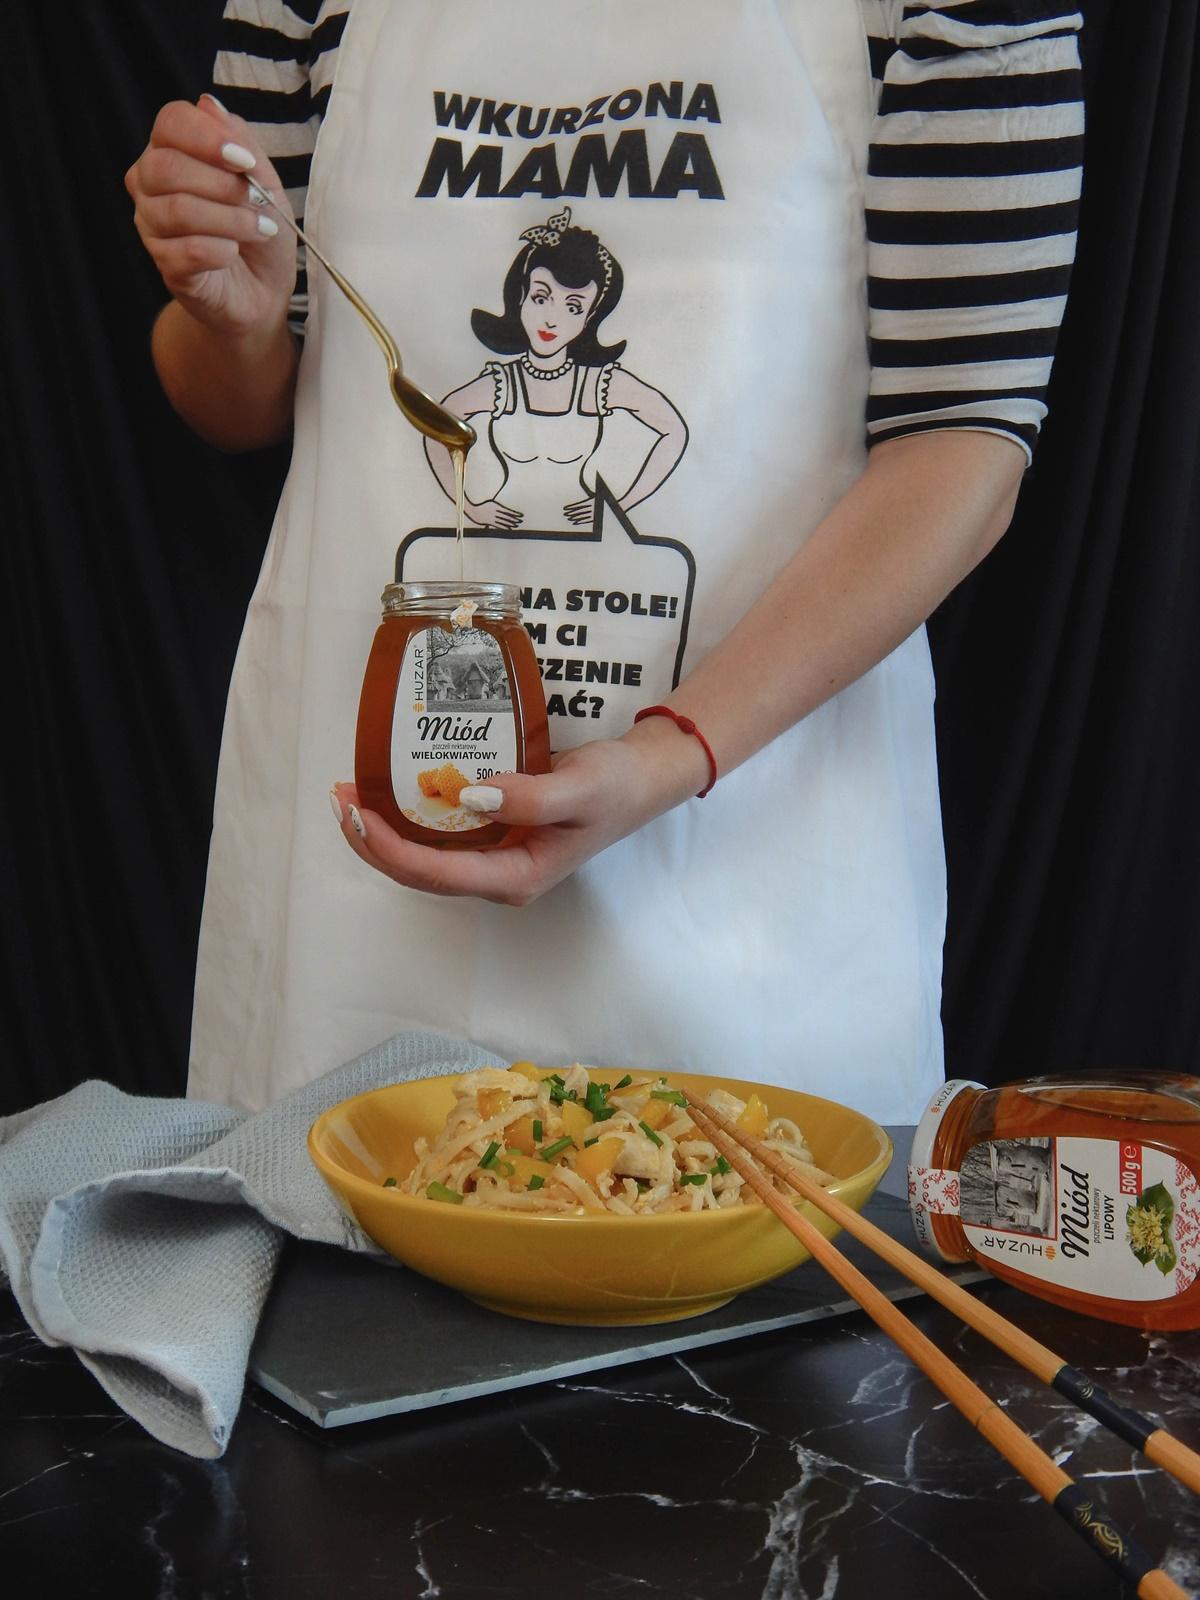 3 przepis na szybki obiad z miodem pad thai łatwy przepis szybka kuchnia azjatycka przepisy na lekki obiad z makaronem